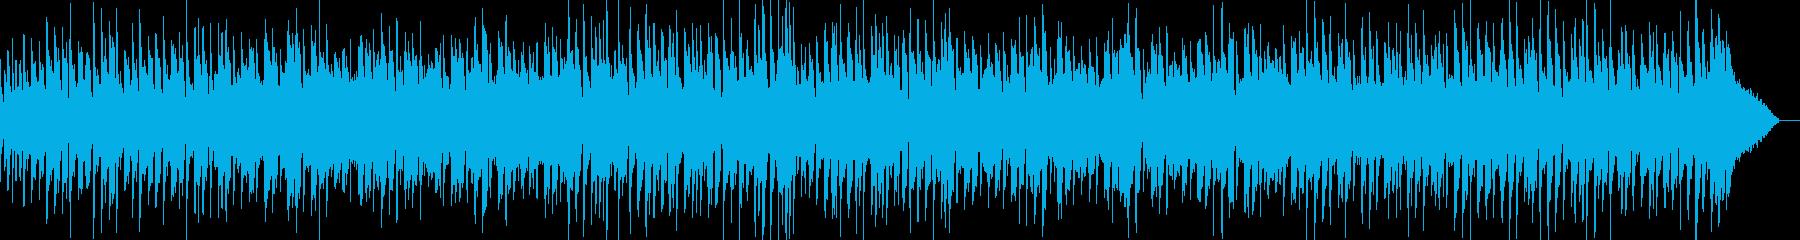 琴と尺八の和風なワルツの再生済みの波形